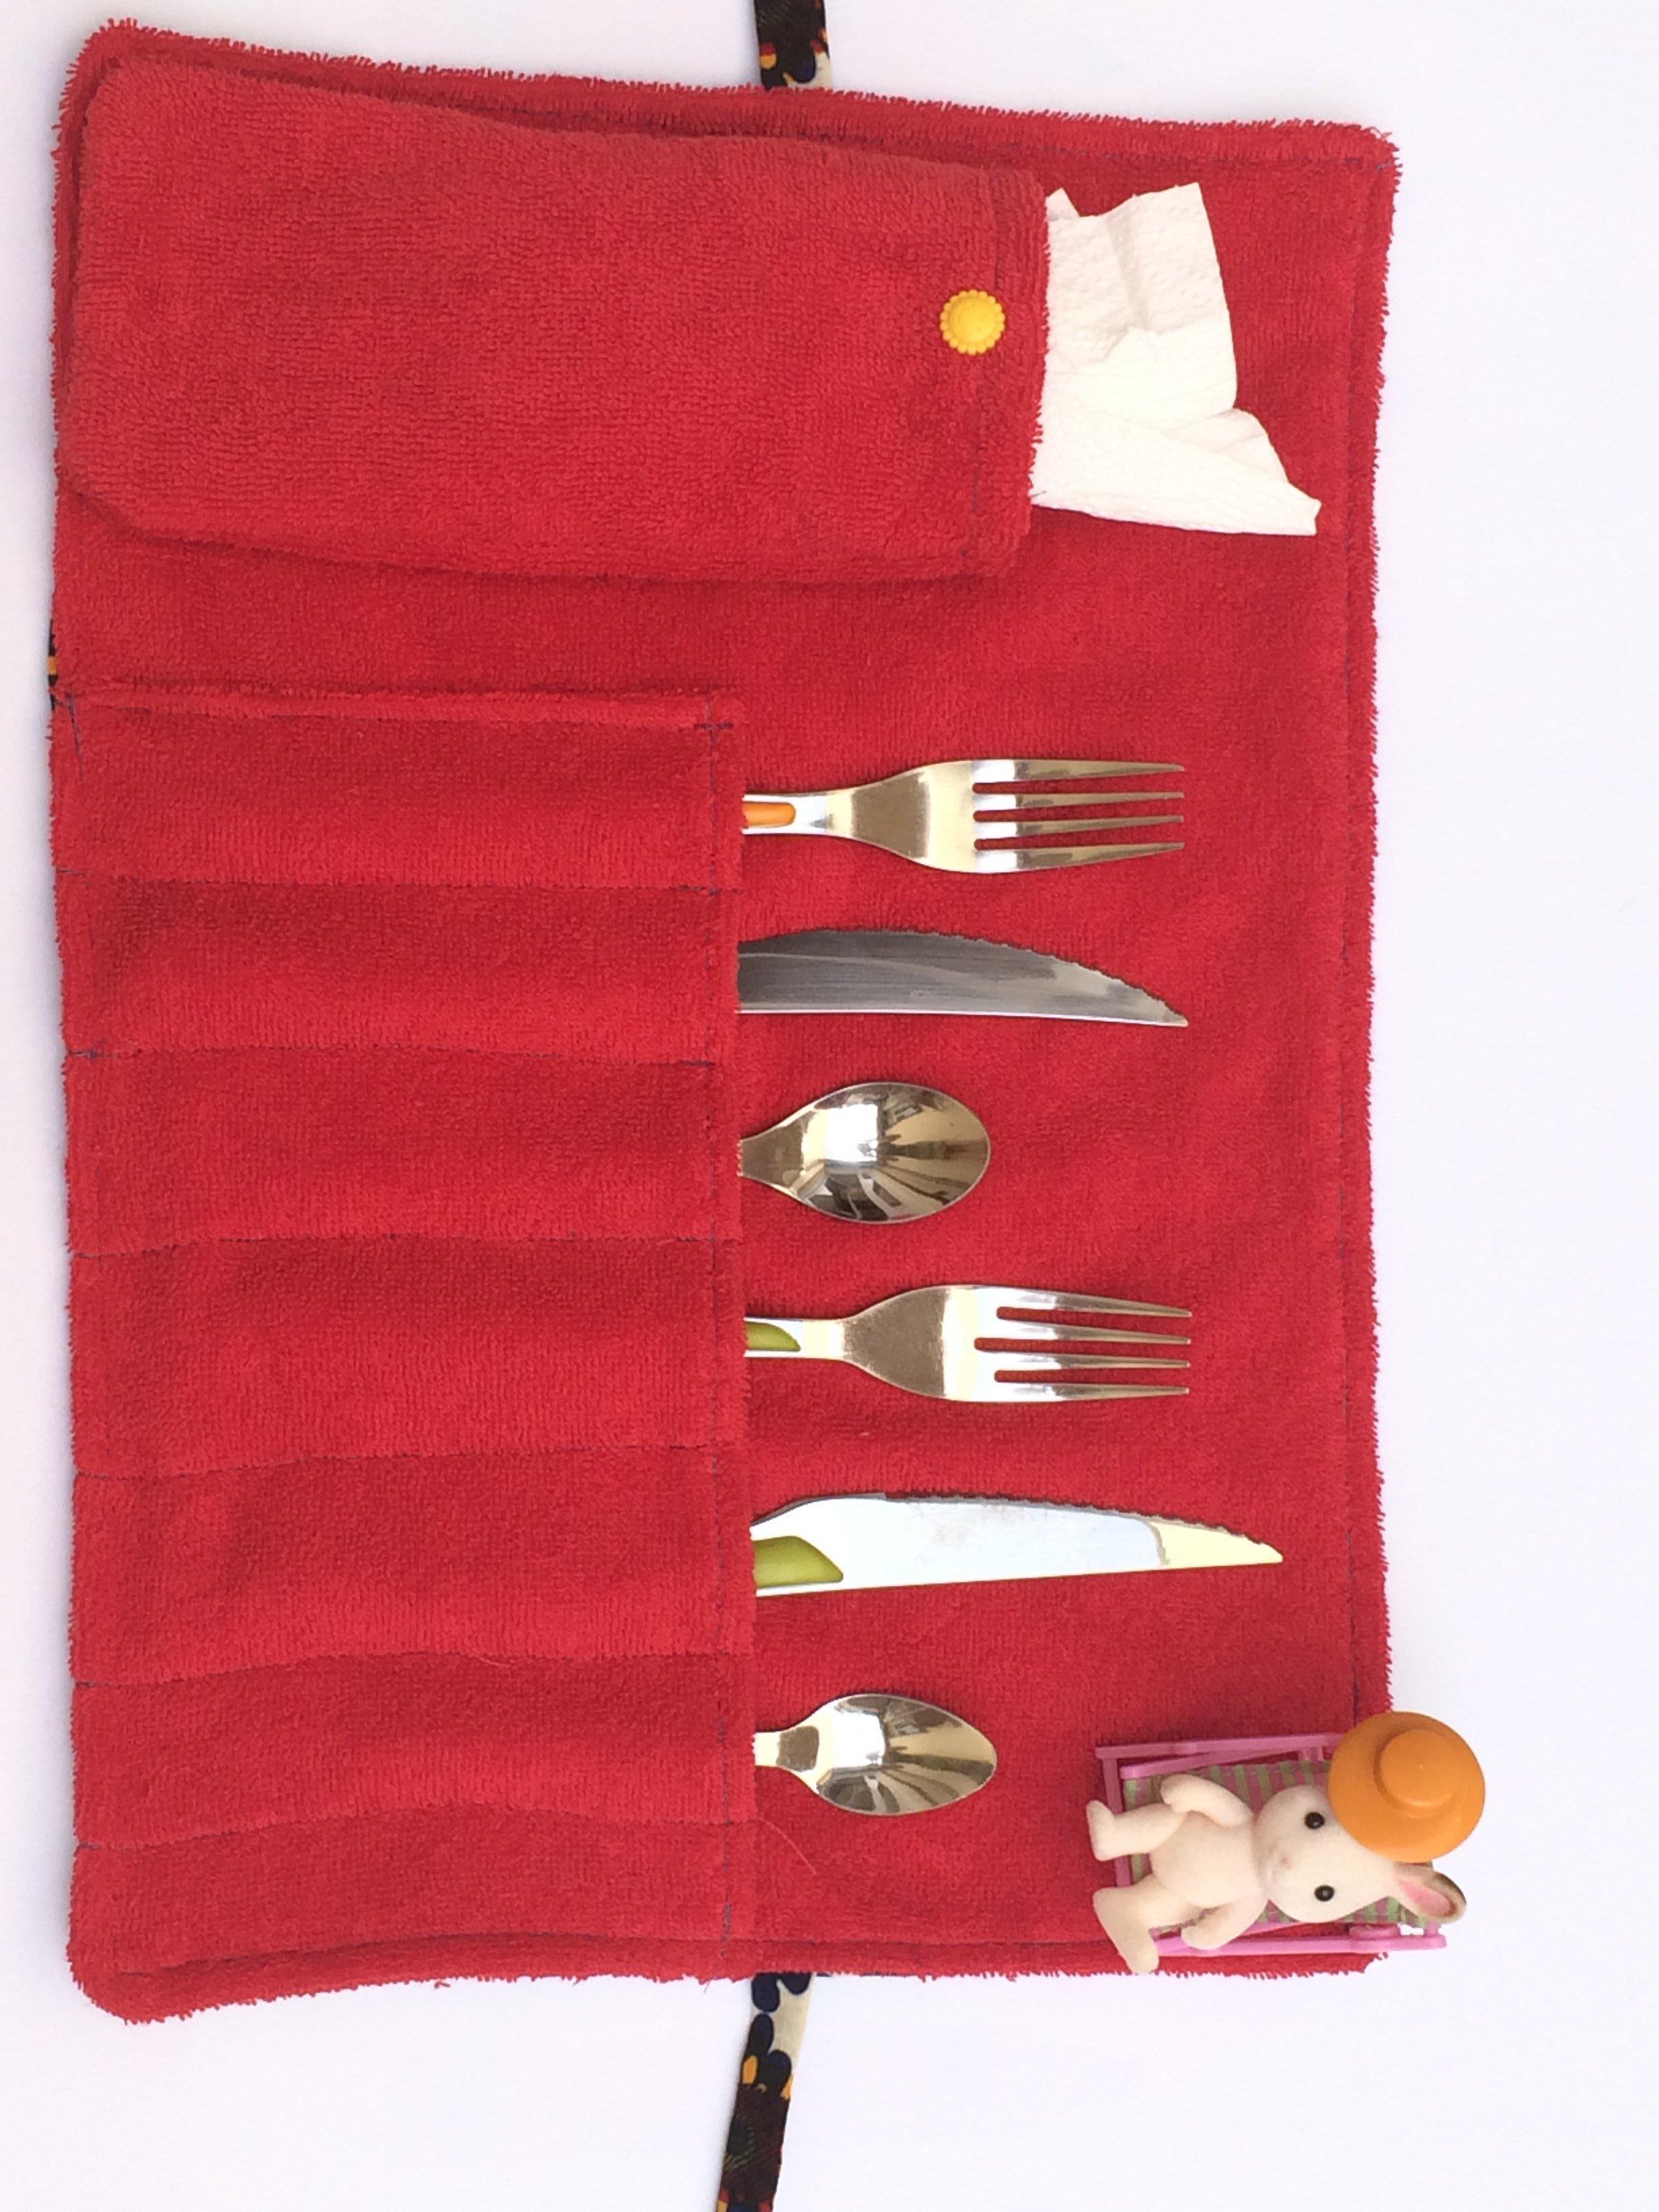 plusieurs couleurs personnalisé achat spécial Porte-couverts/set de table avec pochette | Oui Are Makers